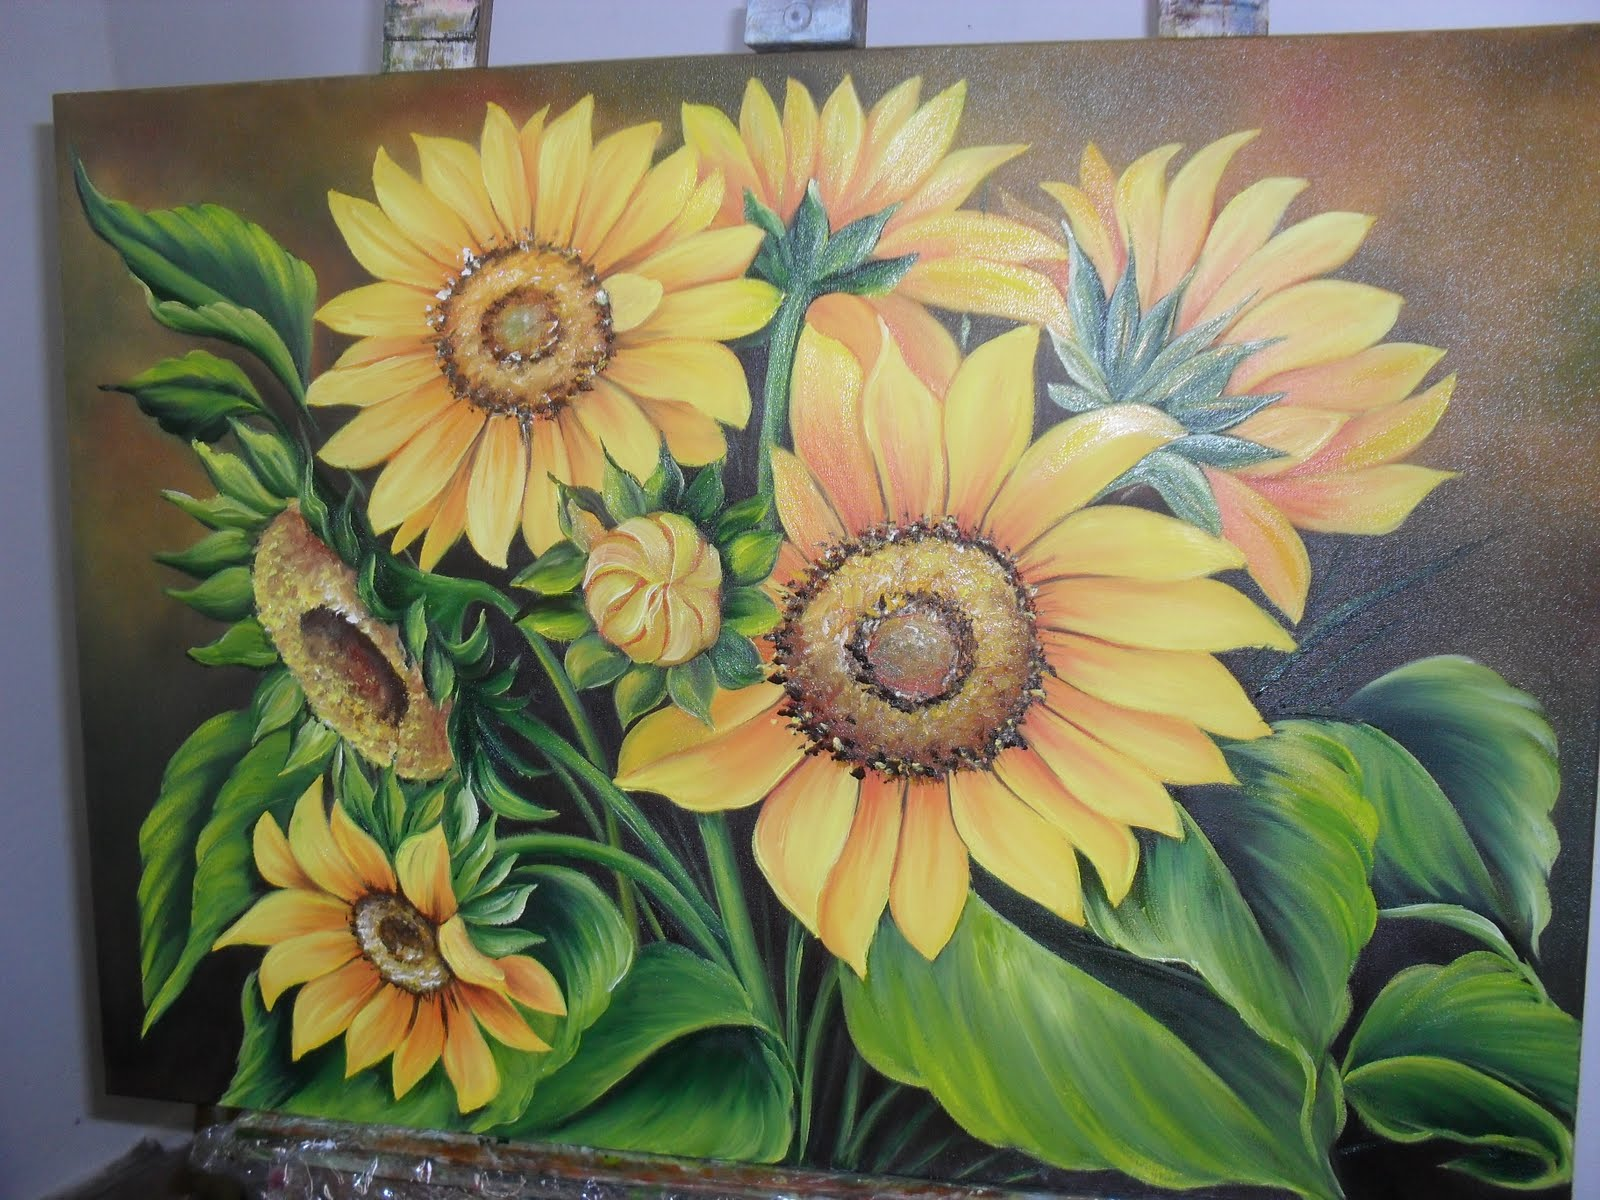 Pintura  leo  Girassis  Artesanato na Rede